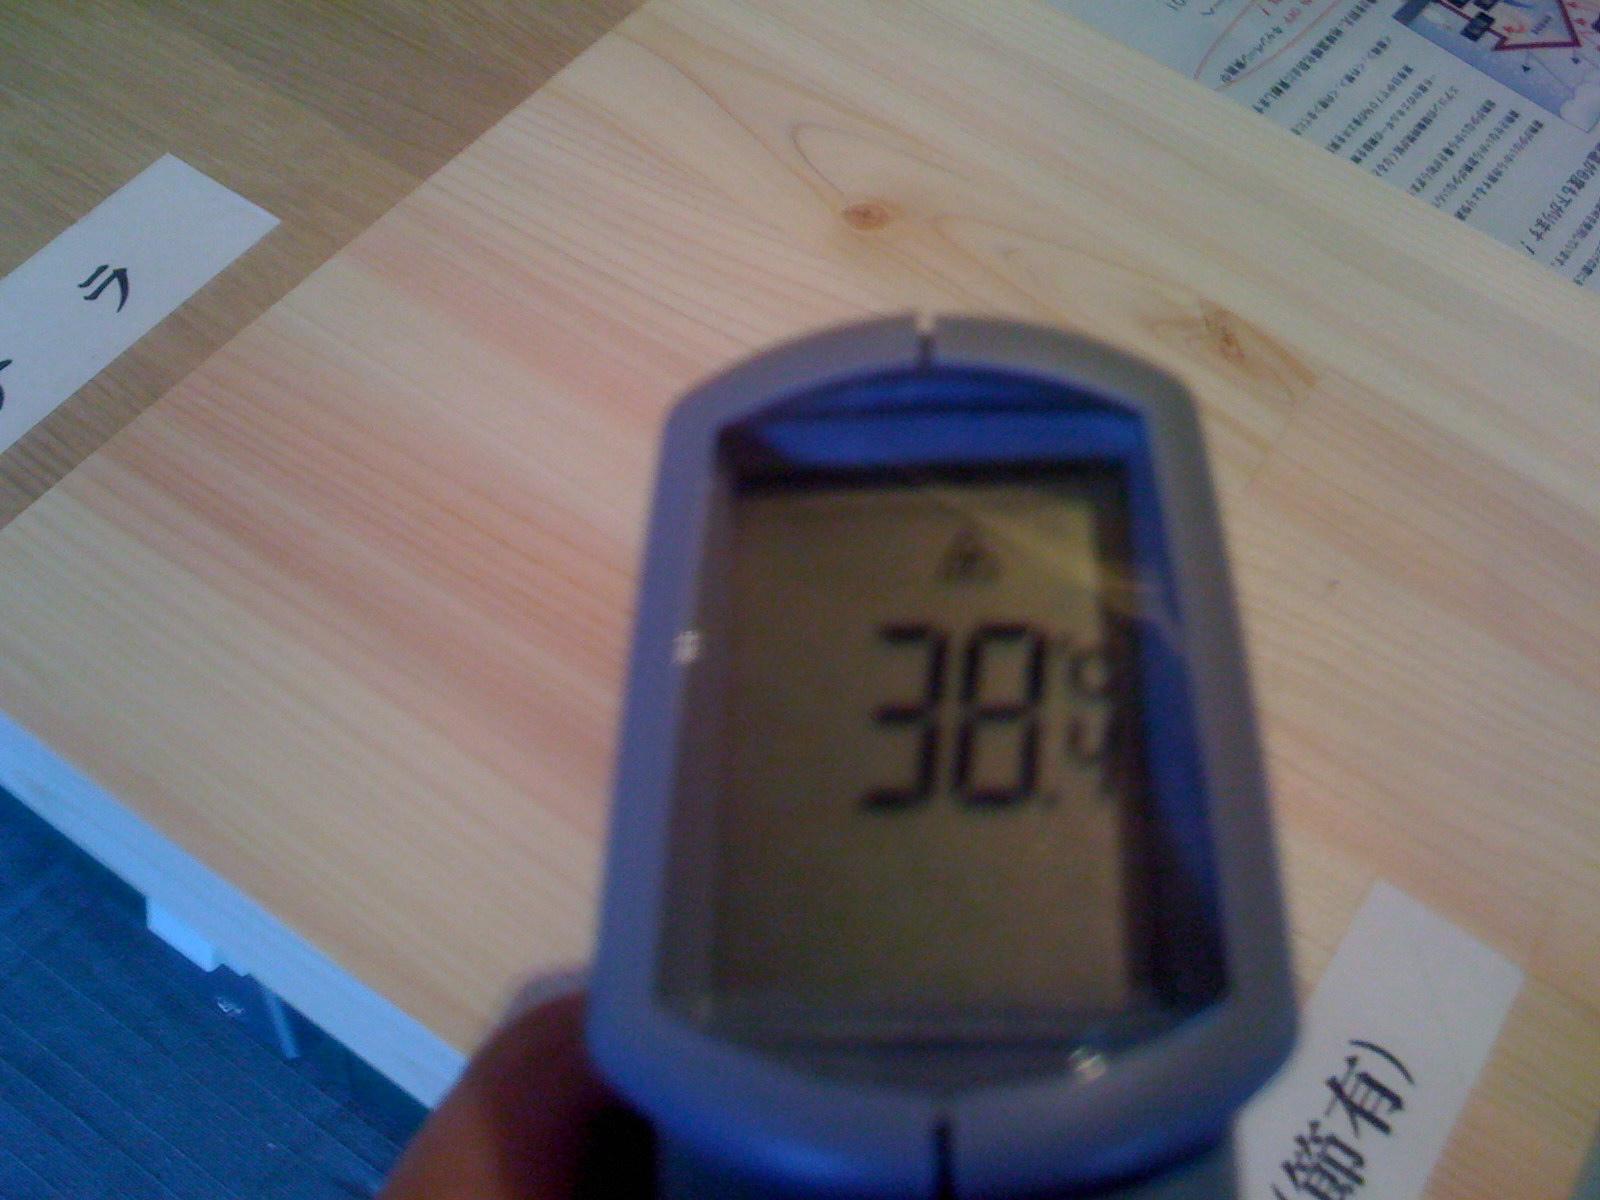 遮熱の効果を実験してみました。_f0155409_5182241.jpg